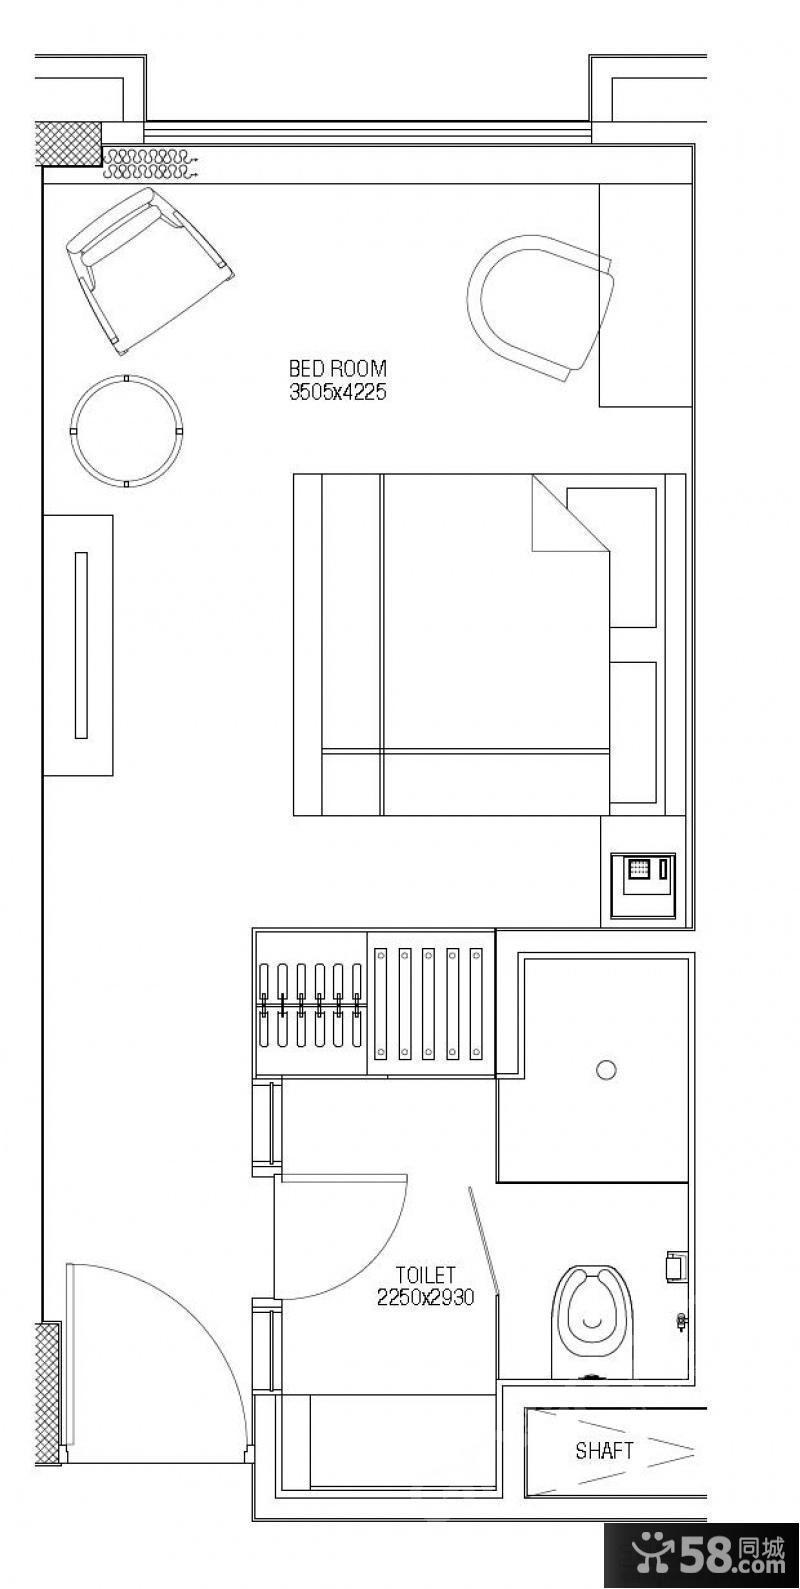 【长方形户型装修效果图】 - 58同城装修效果图大全